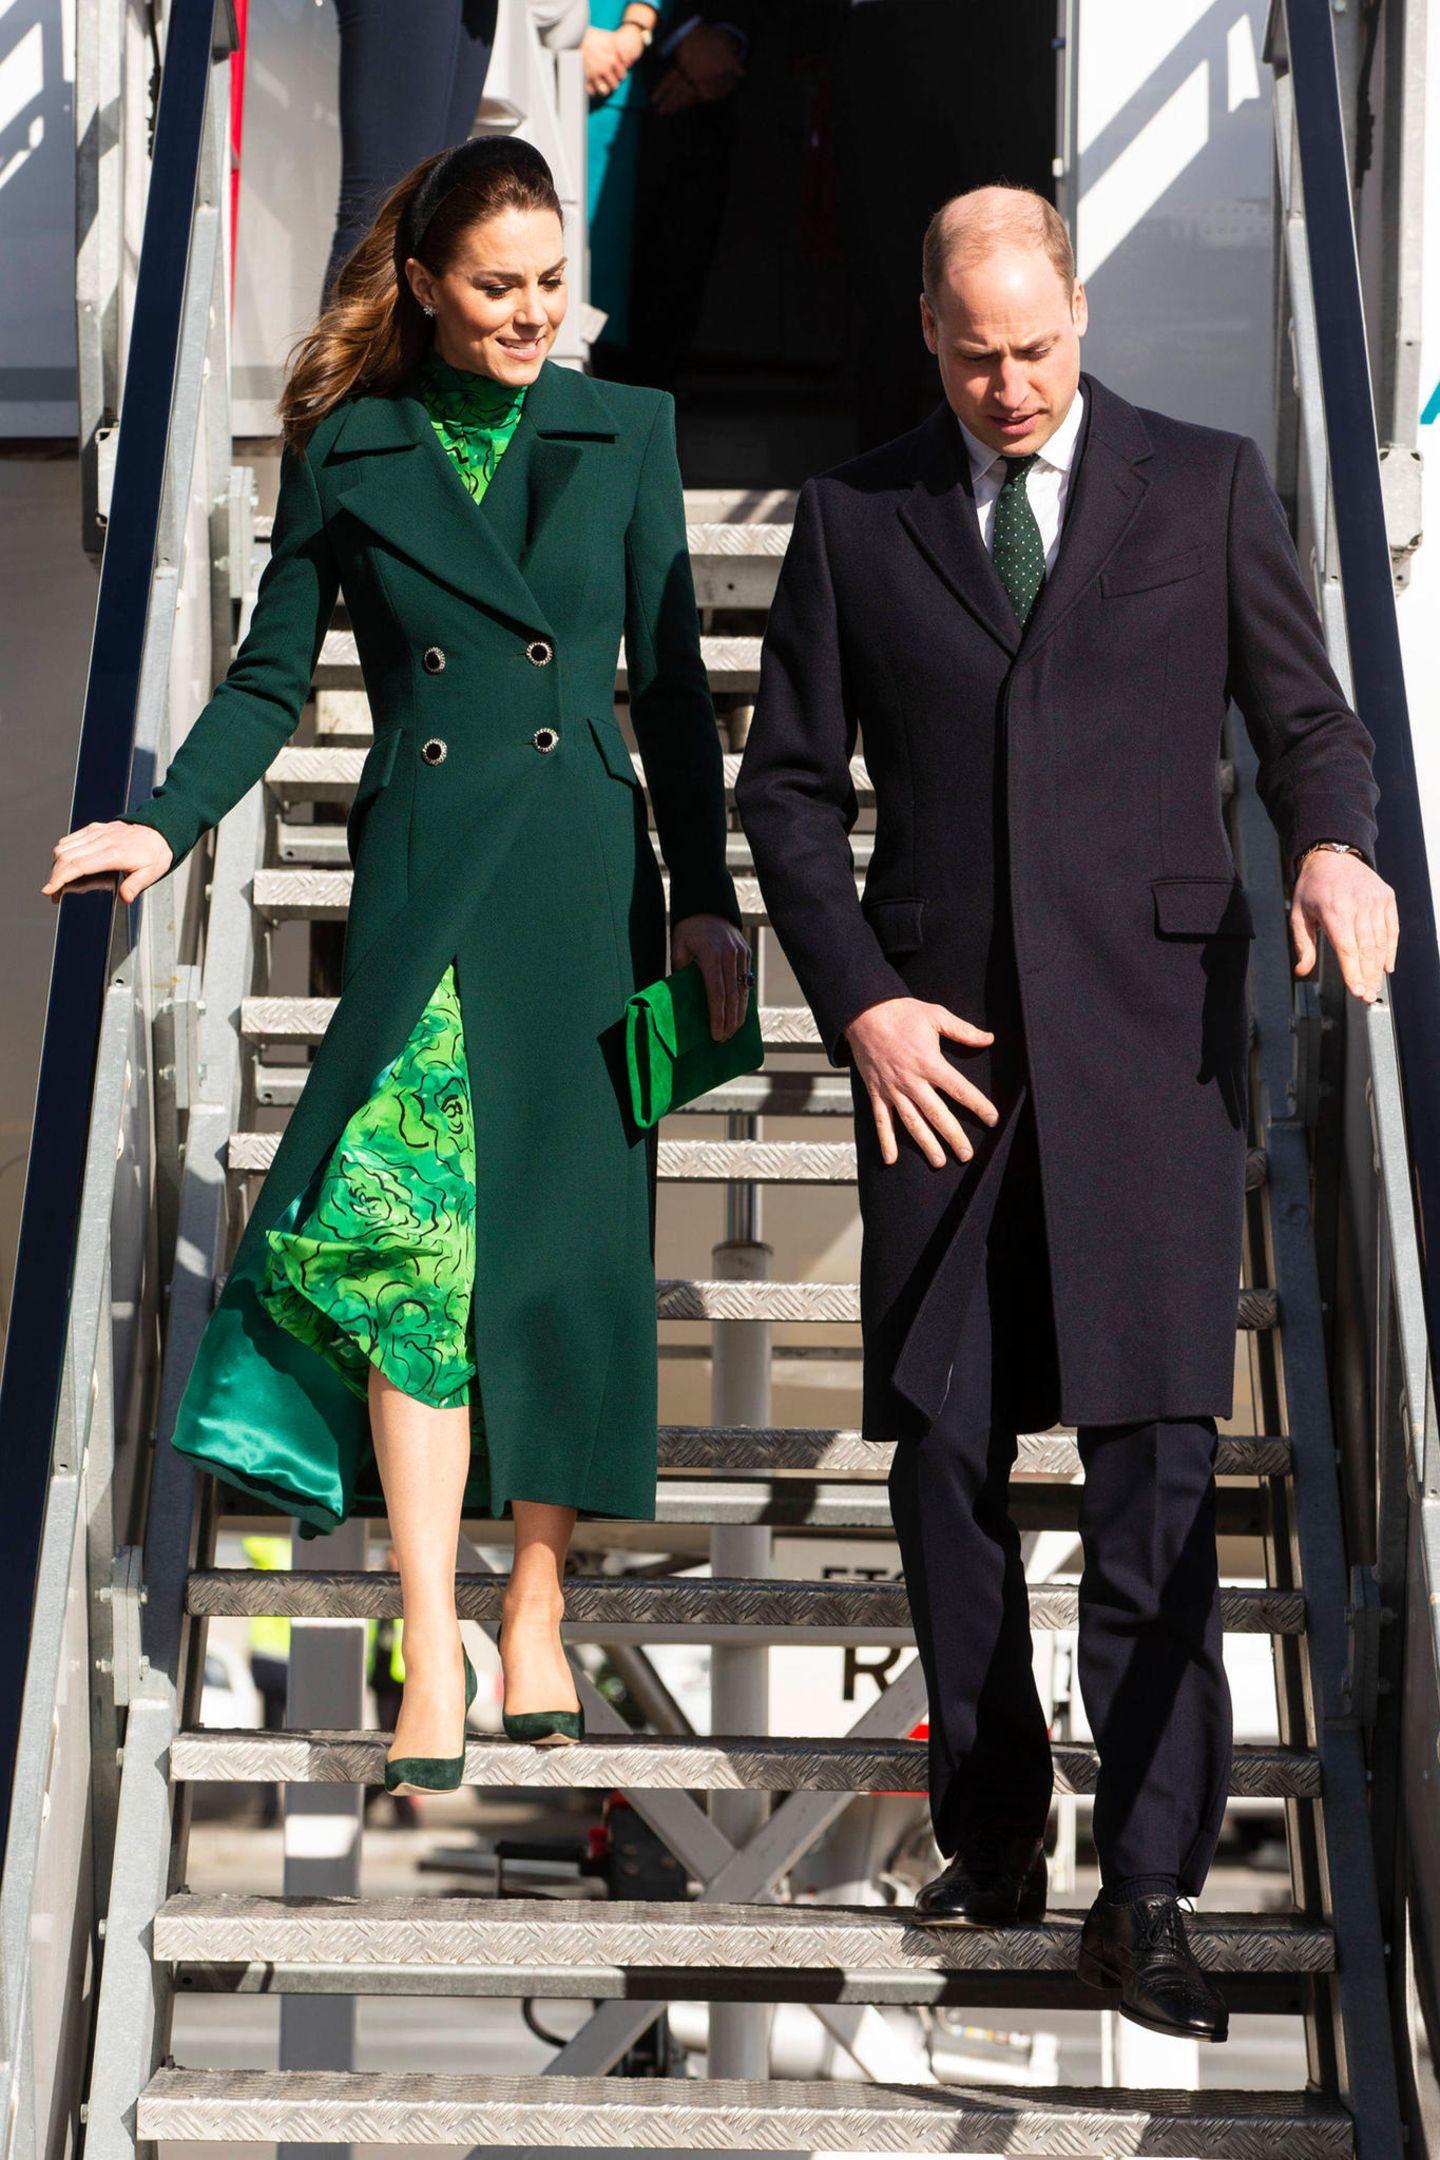 Auch gegen die Brise ist Herzogin Catherine gewappnet: Ein schwarzer Samt-Haarreif von Jane Taylor hält ihr das wehende Haar aus dem Gesicht. Ihre Accessoires,Pumps von Emmy London und eine Clutch von LK Bennett, machen den grünen Look perfekt.